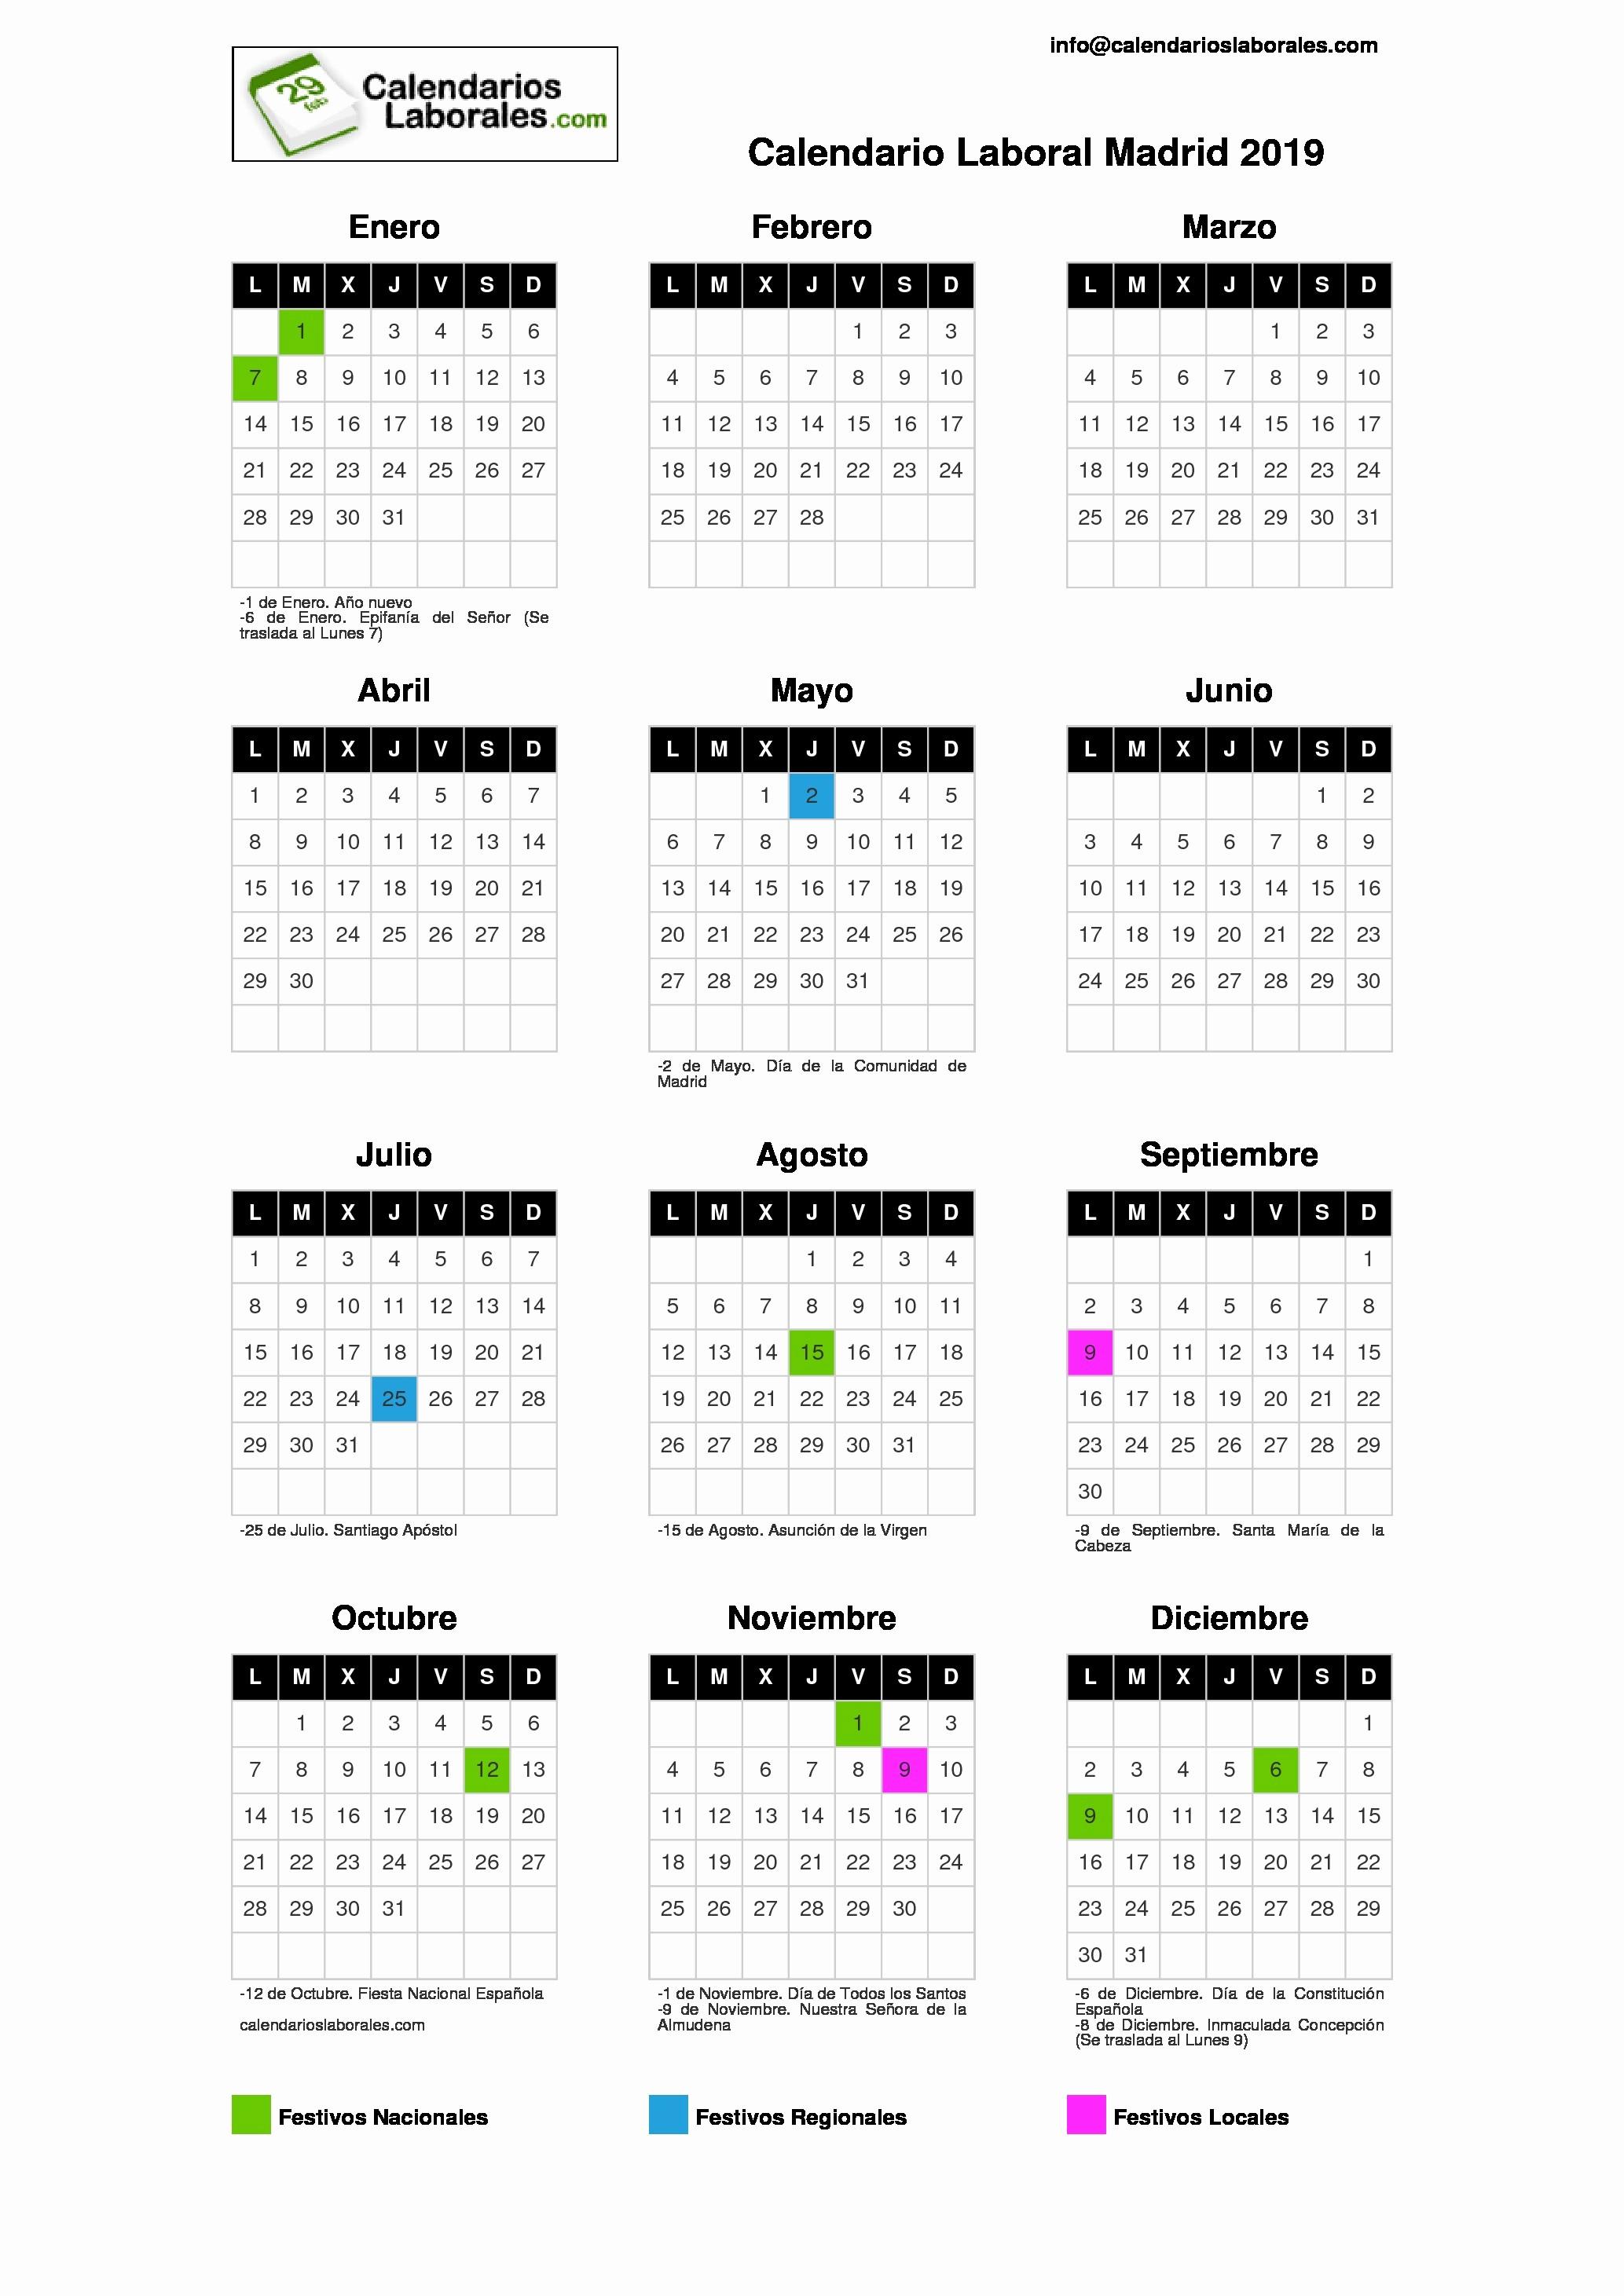 Calendario 2019 Con Festivos Usa Mejores Y Más Novedosos Calendario Dr 2019 Calendario Laboral Madrid 2019 Of Calendario 2019 Con Festivos Usa Más Populares Impresionante 35 Dise±o Calendario E2019